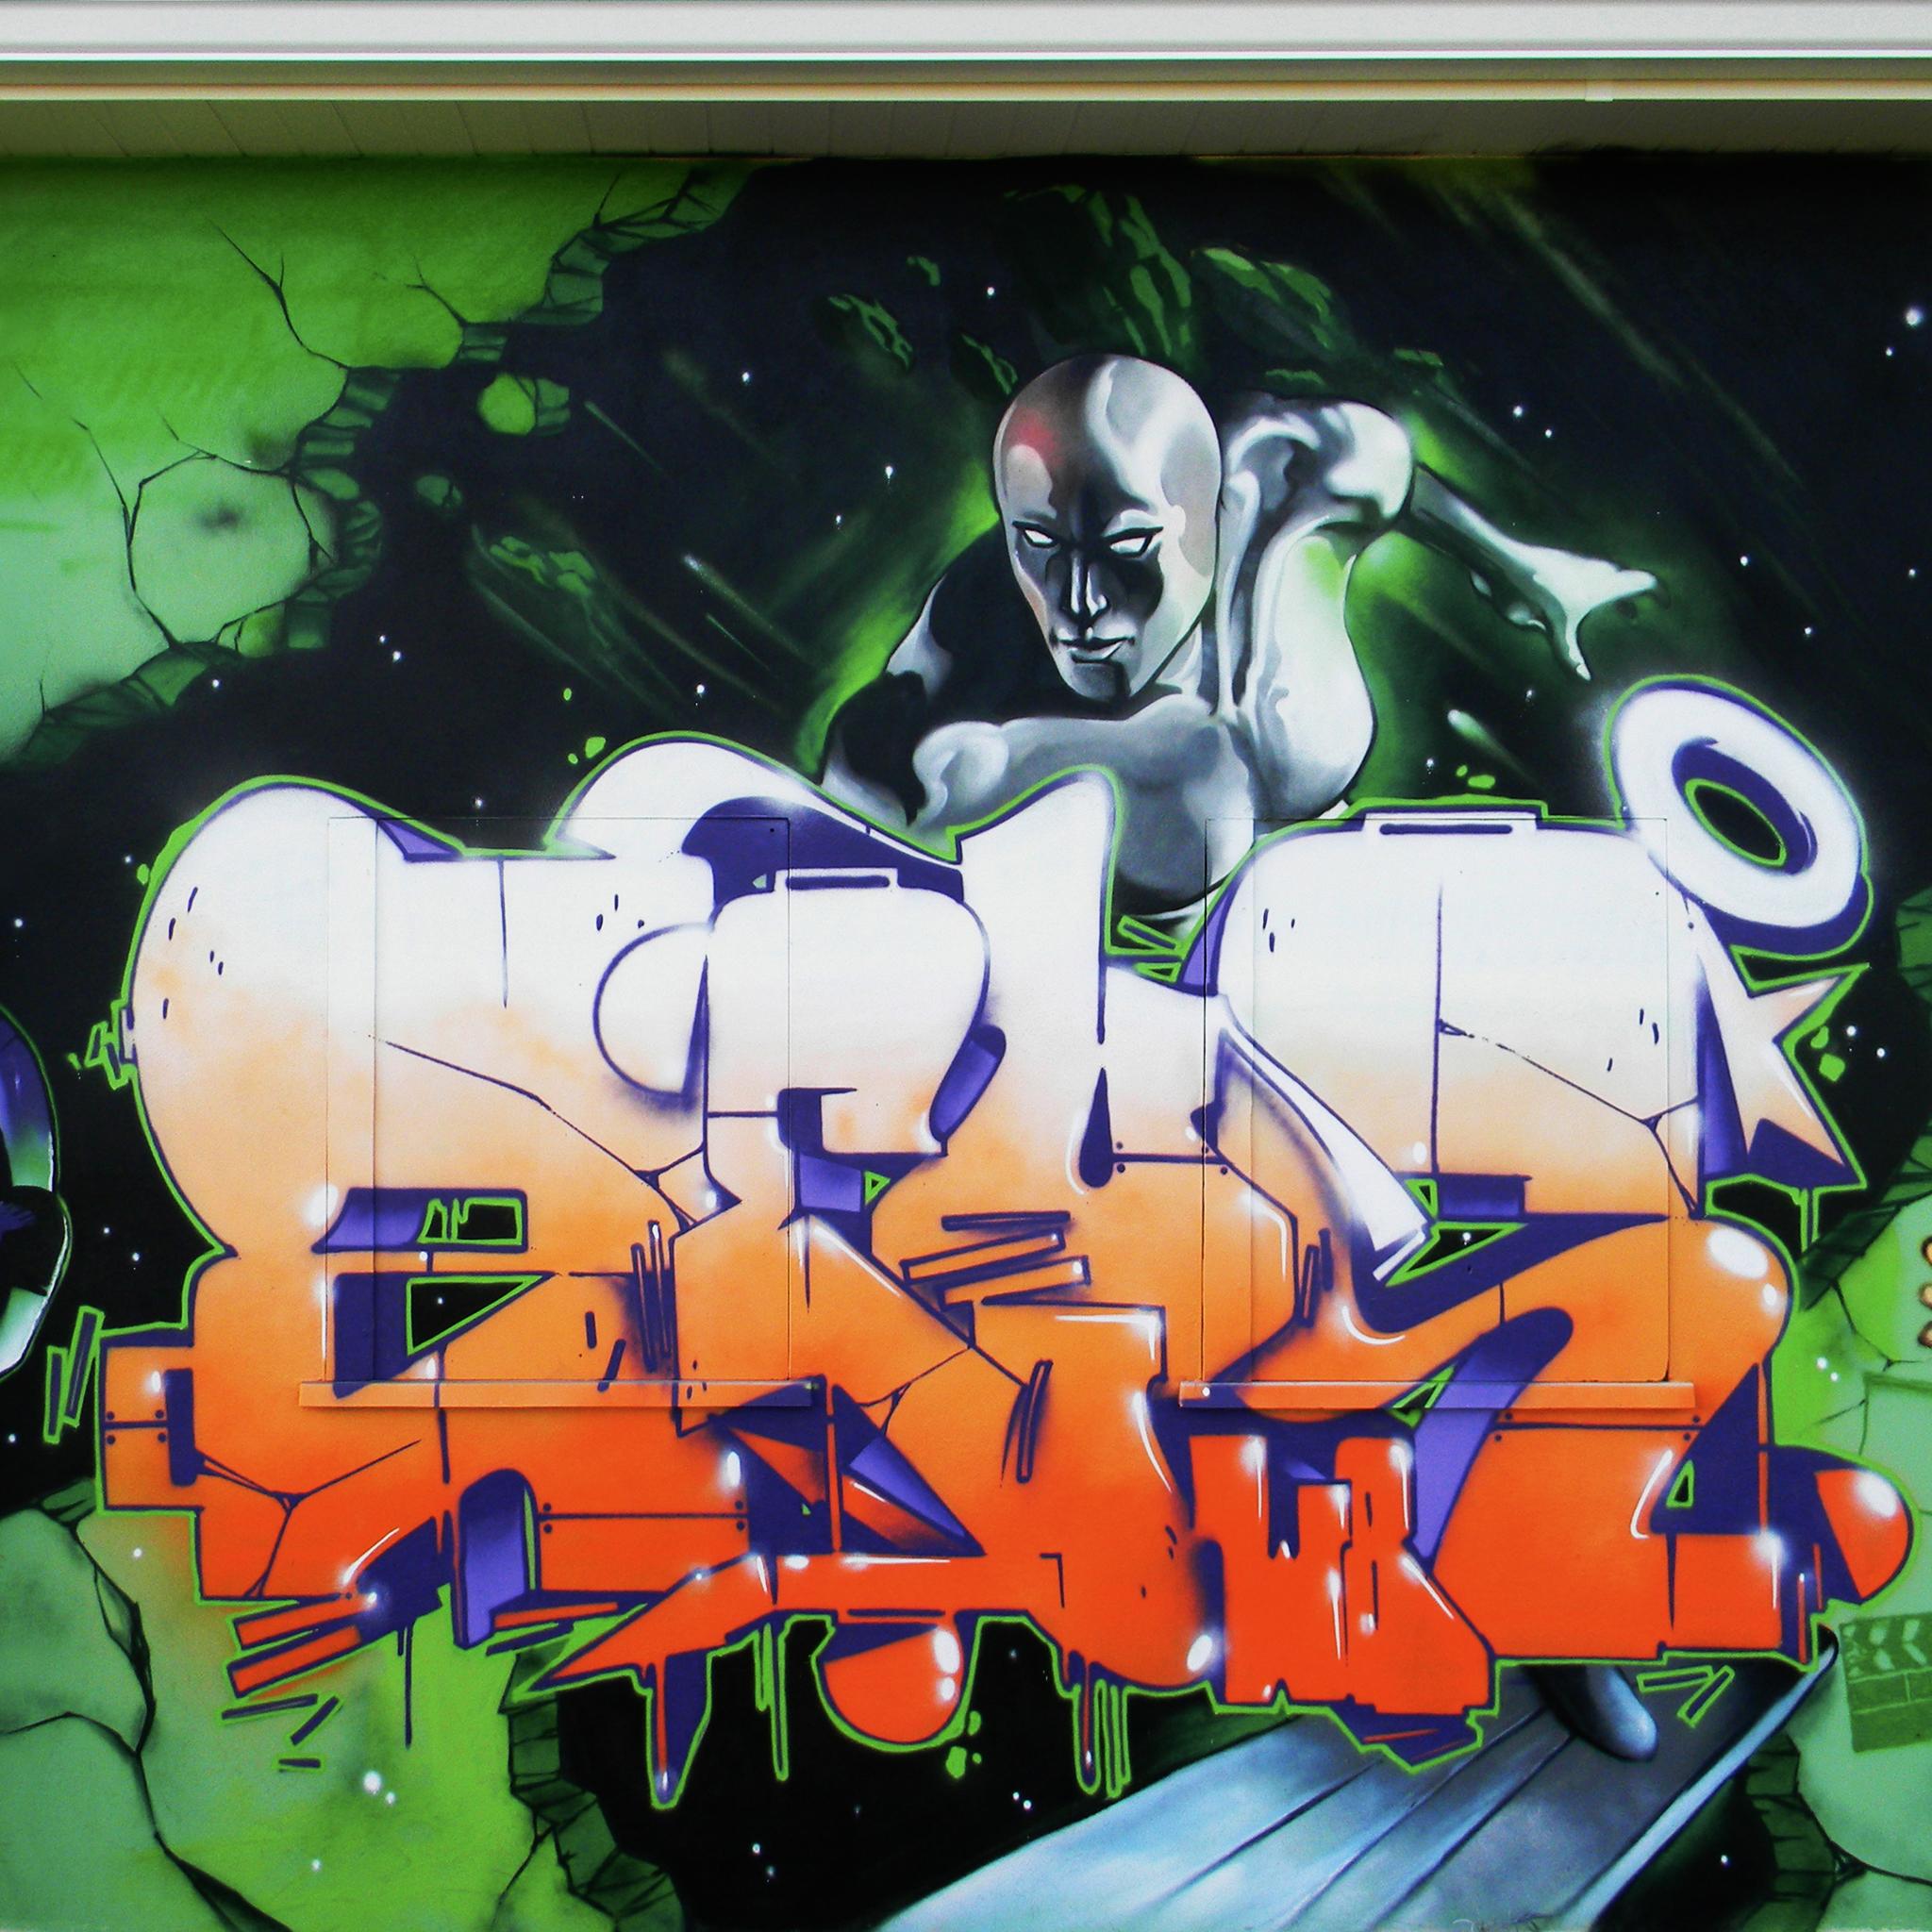 Wild Boy Graffiti 02 3W iPad Wild Boyz Graffiti #1   iPad